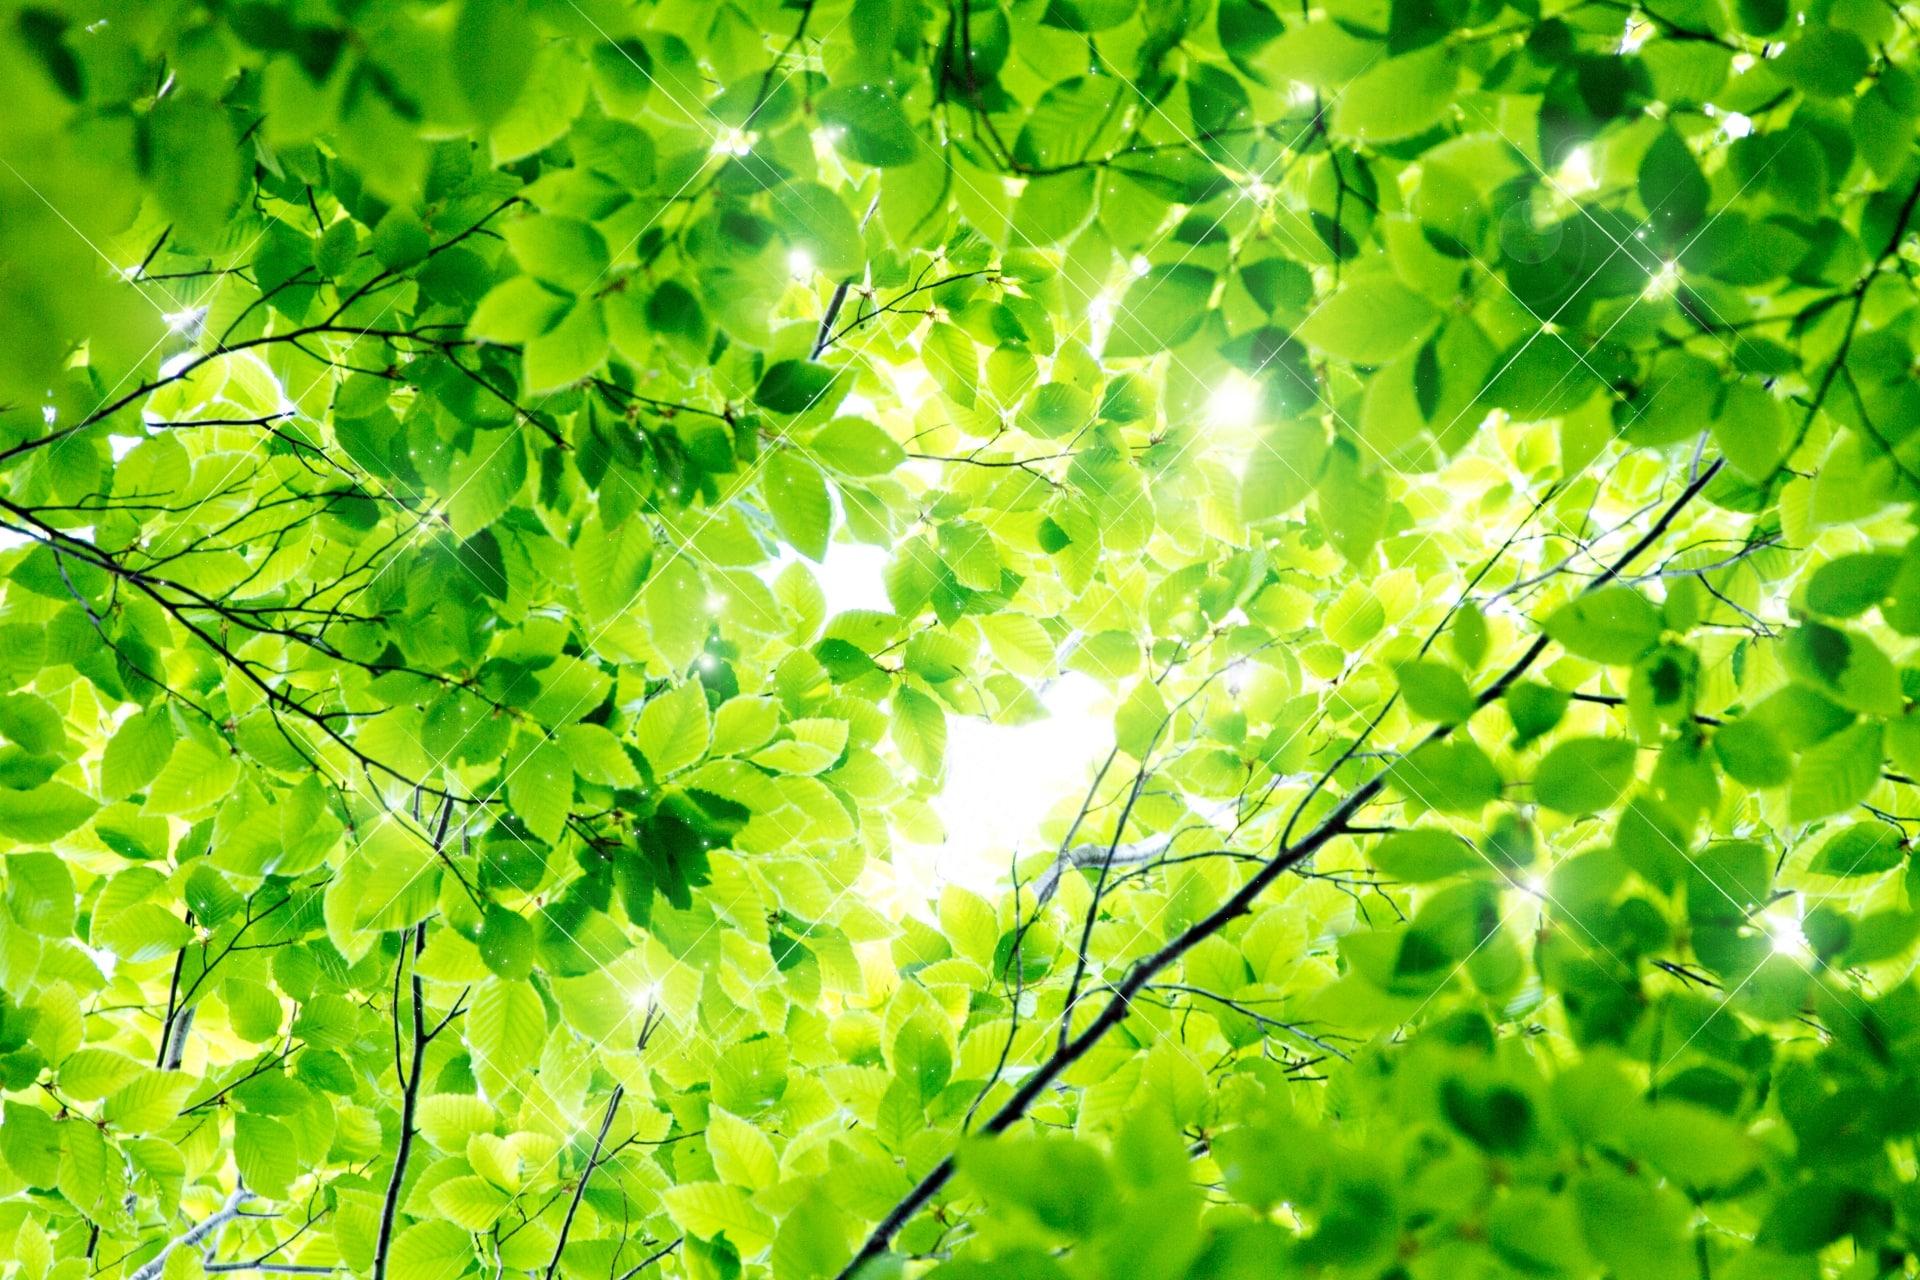 【色の効果】緑色があなたに与える効果・パワー